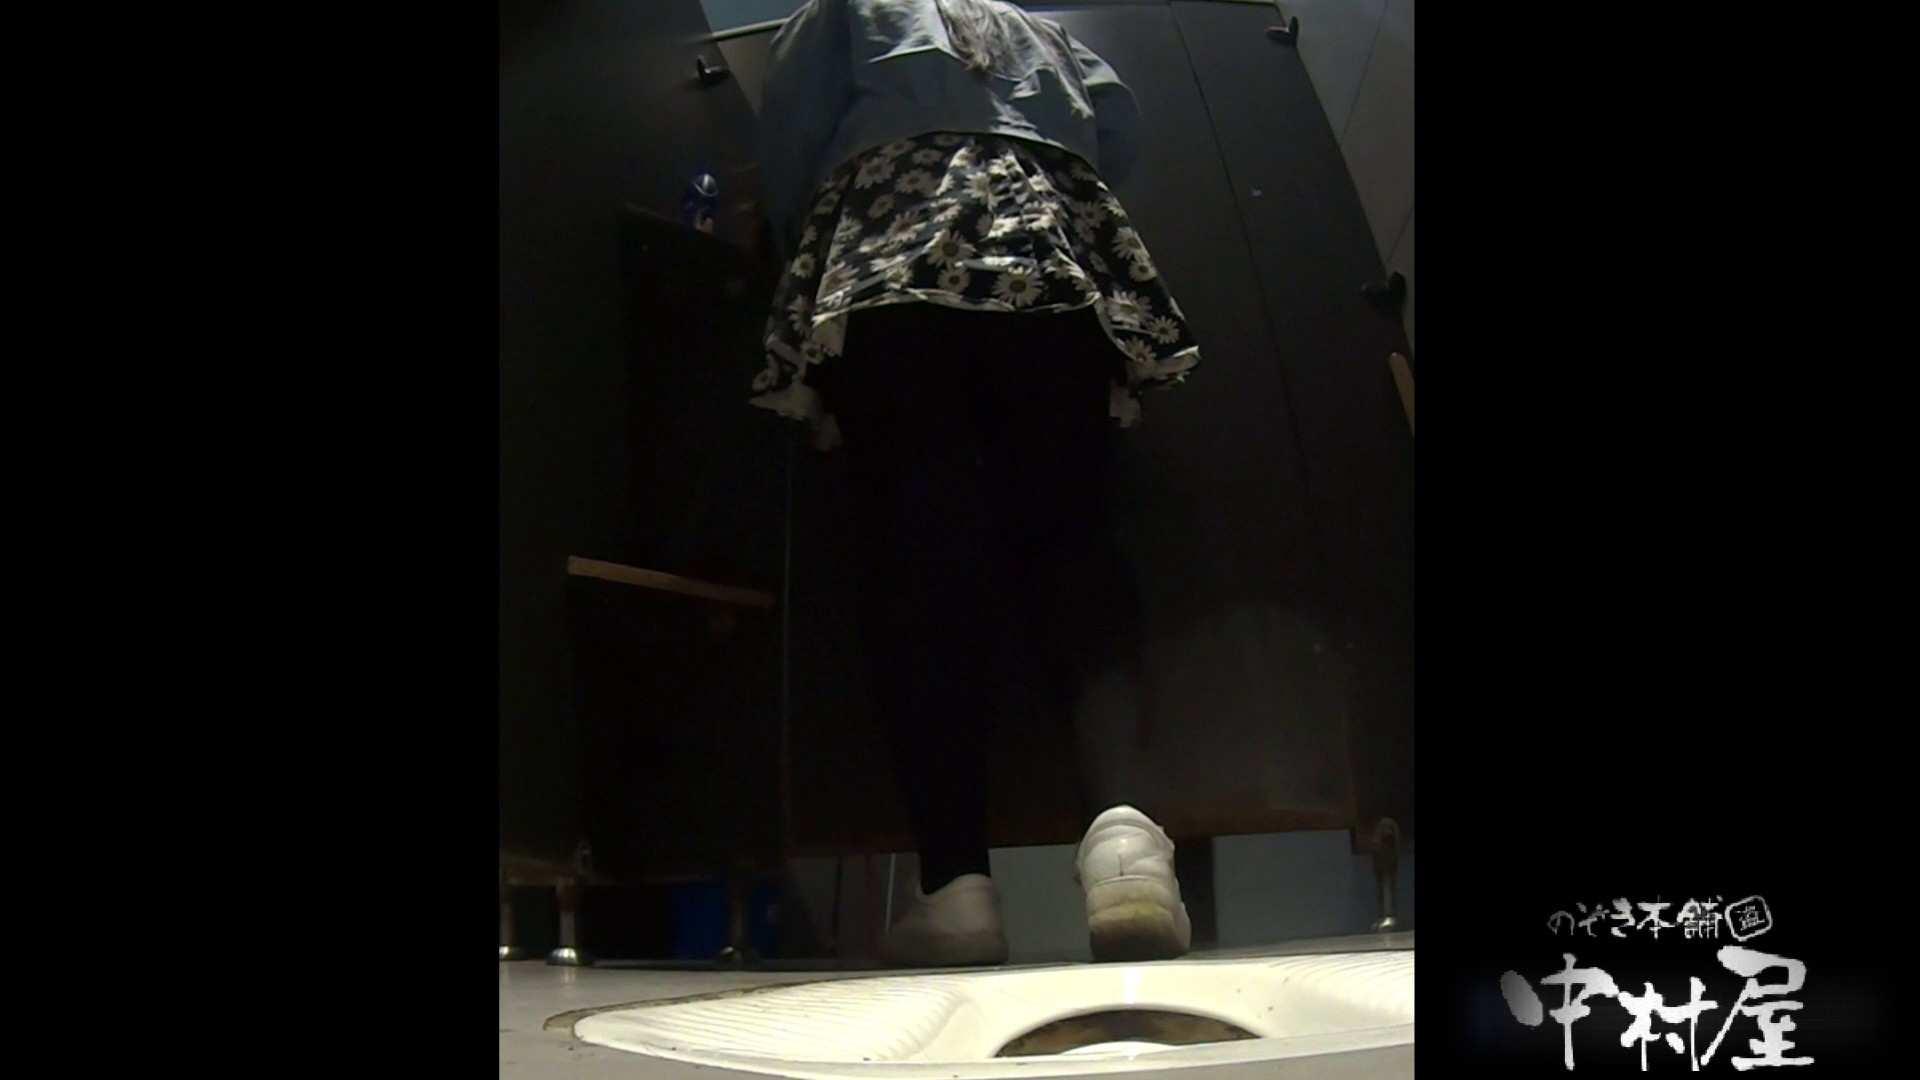 大学休憩時間の洗面所事情21 お姉さん   美女エロ画像  92PICs 65